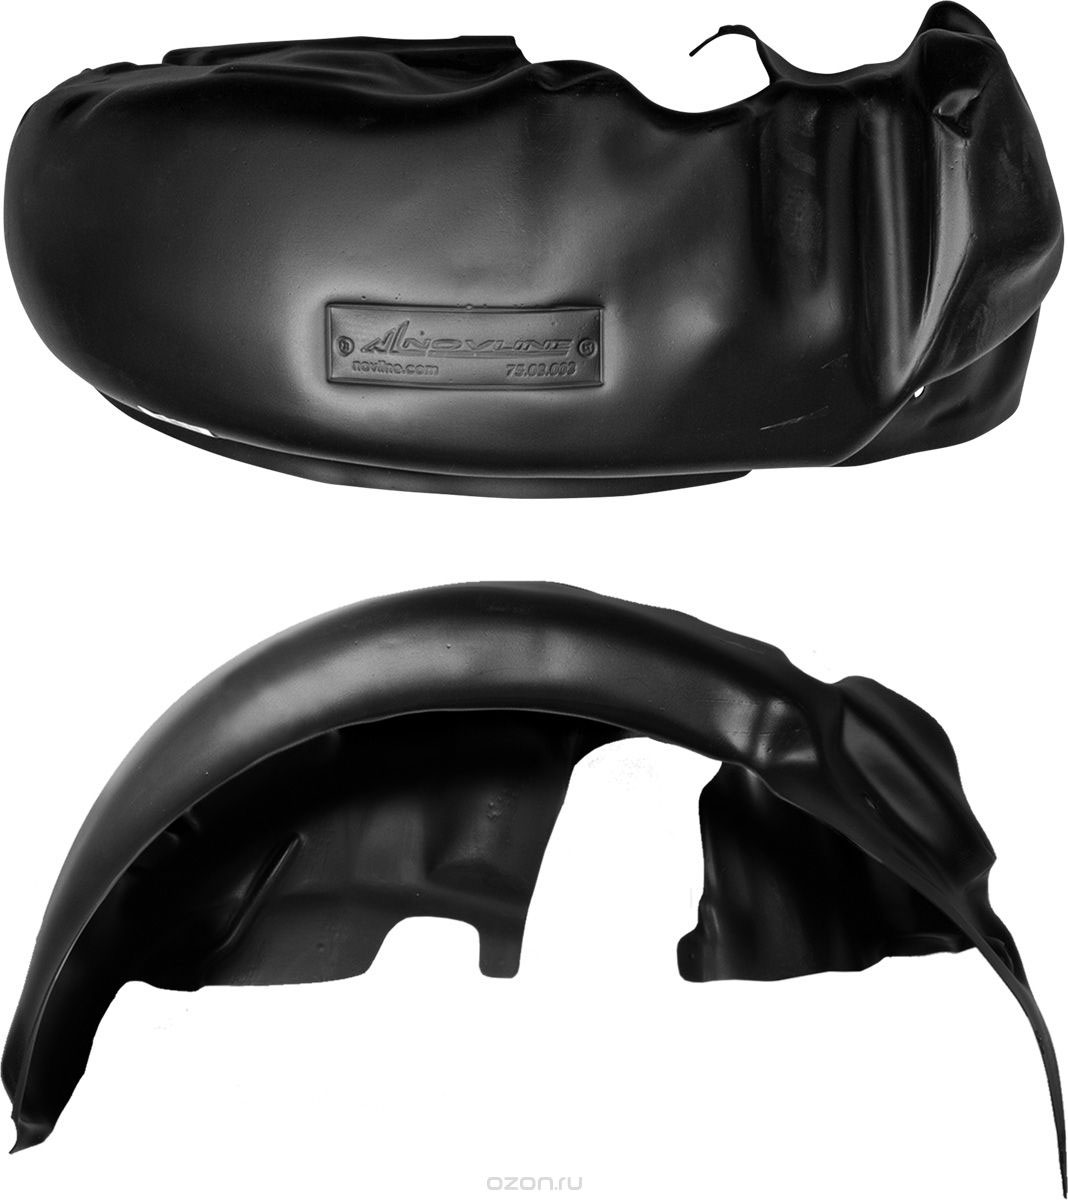 Подкрылок Novline-Autofamily, для HYUNDAI i30 2007-2011, задний правыйVCA-00Идеальная защита колесной ниши. Локеры разработаны с применением цифровых технологий, гарантируют максимальную повторяемость поверхности арки. Изделия устанавливаются без нарушения лакокрасочного покрытия автомобиля, каждый подкрылок комплектуется крепежом. Уважаемые клиенты, обращаем ваше внимание, что фотографии на подкрылки универсальные и не отражают реальную форму изделия. При этом само изделие идет точно под размер указанного автомобиля.